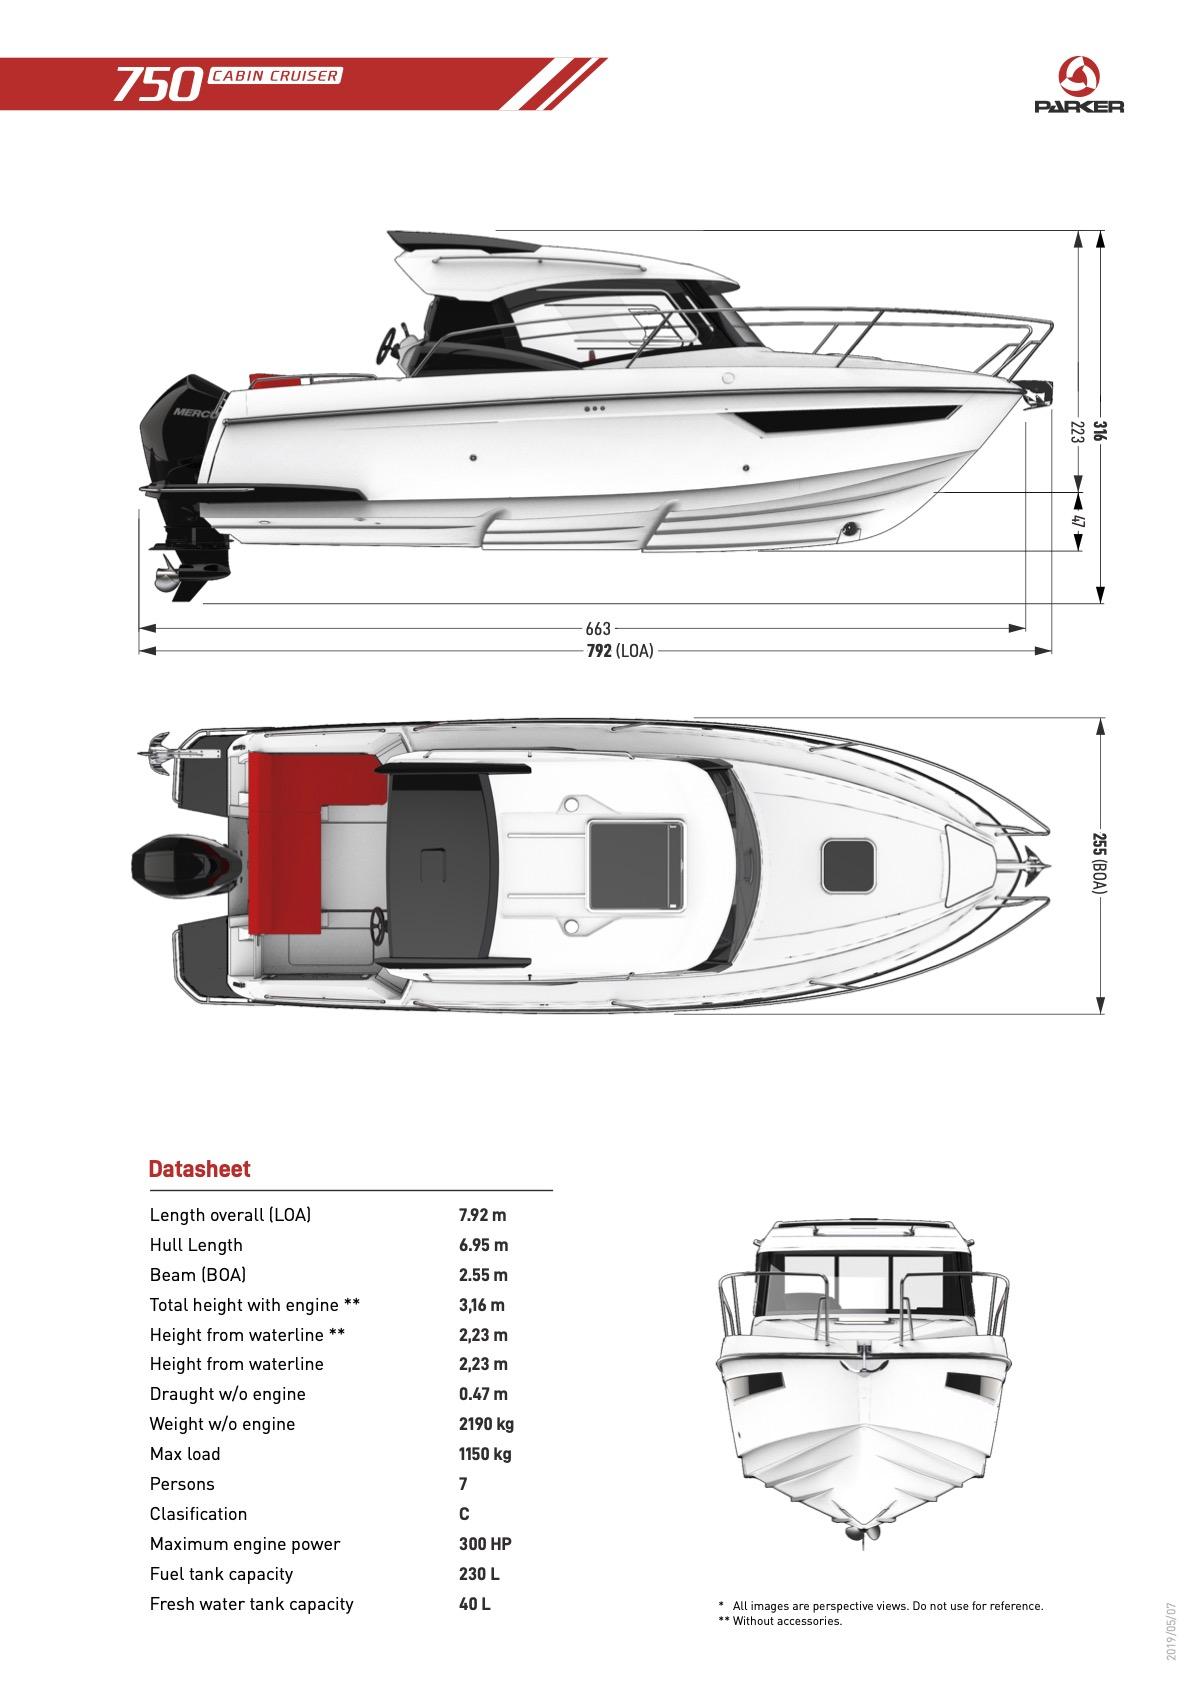 Parker 750 Cabin Cruiser plan de pont extérieur